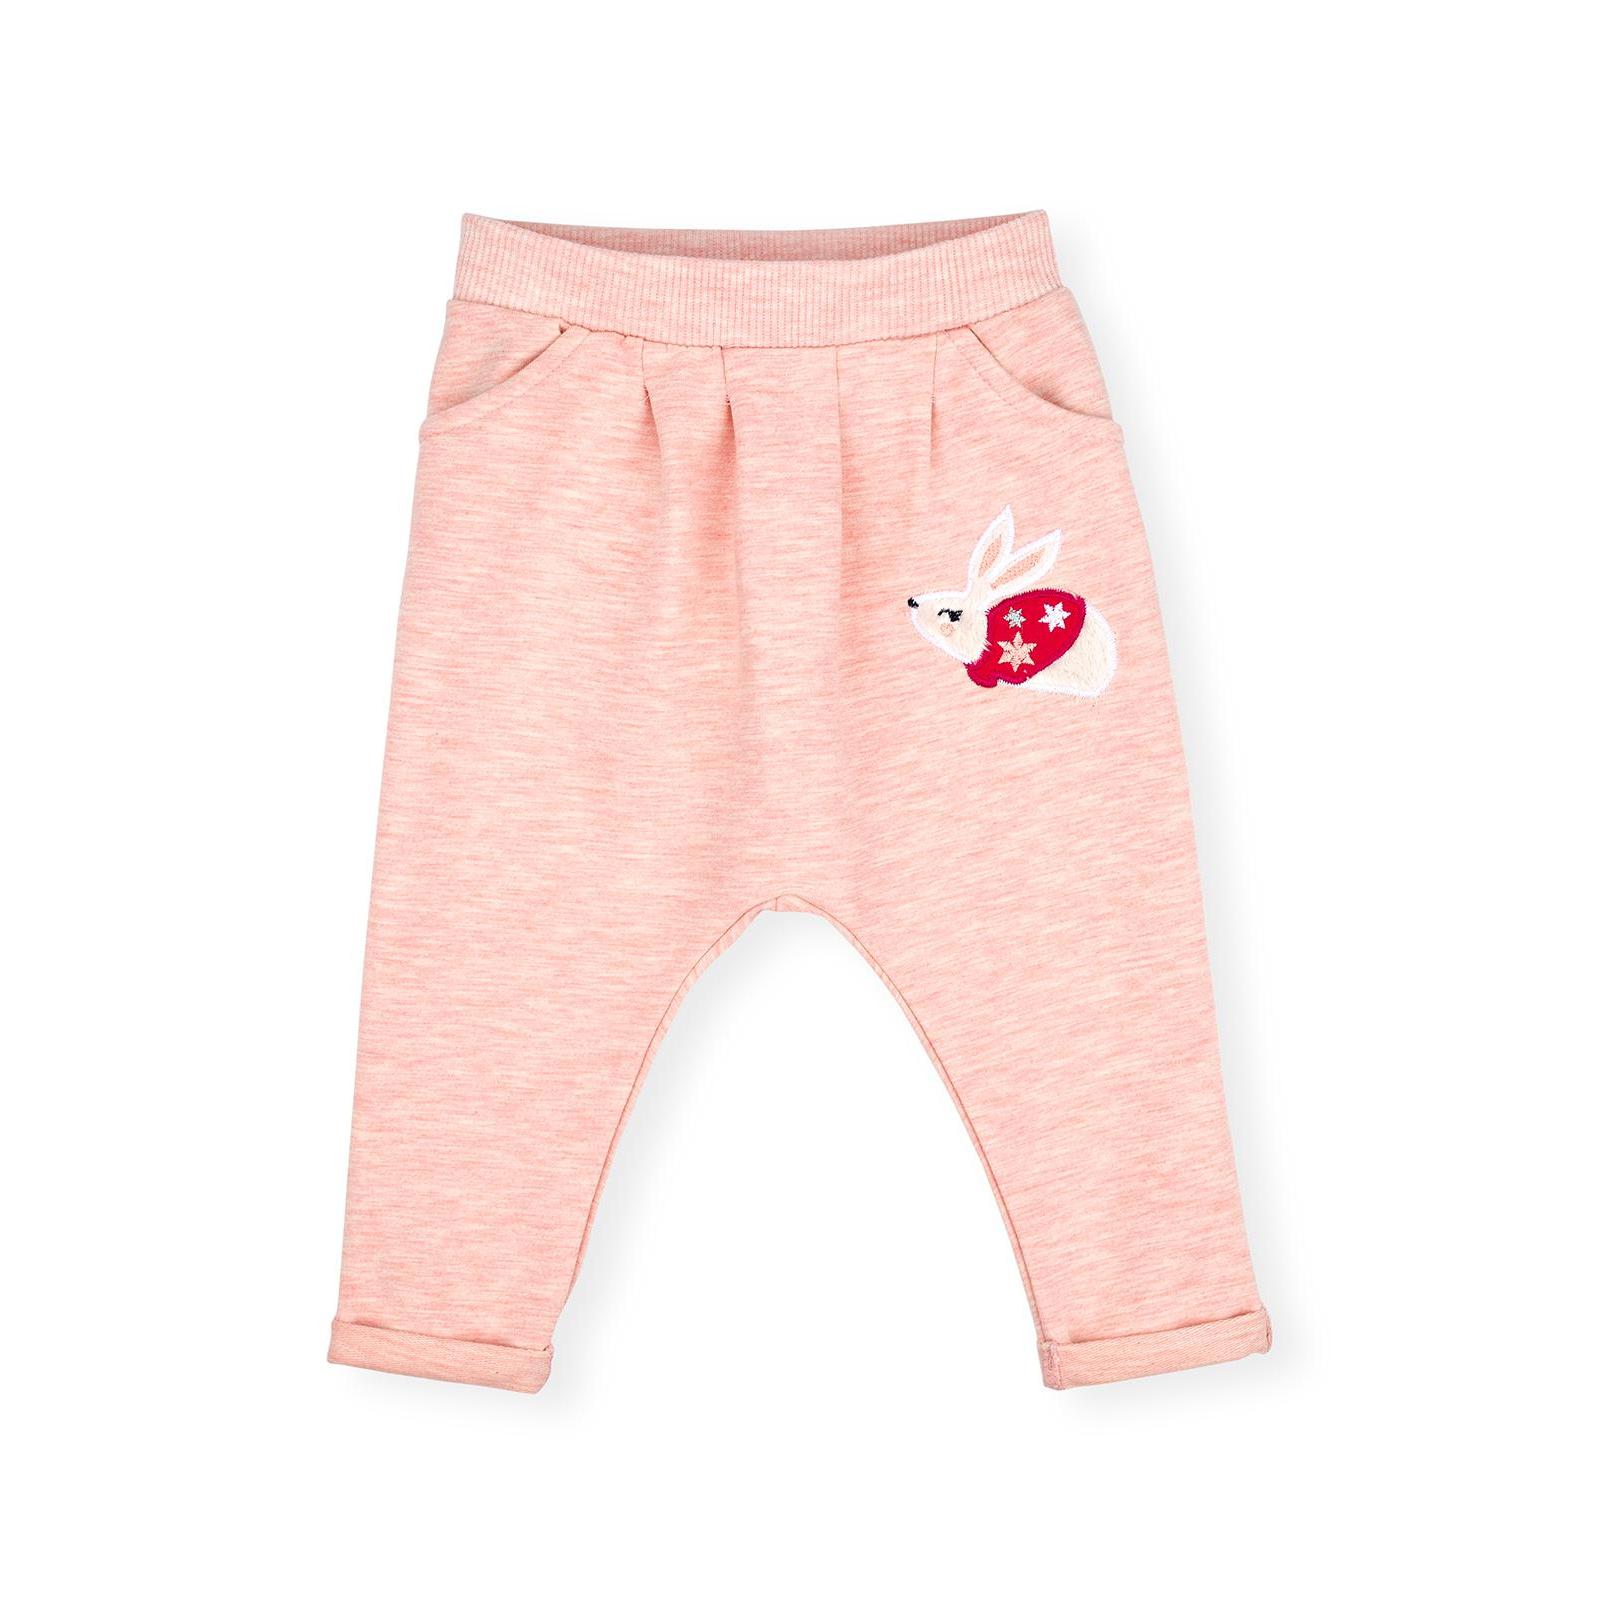 Набор детской одежды Breeze с зайчиками (10214-74G-peach) изображение 3